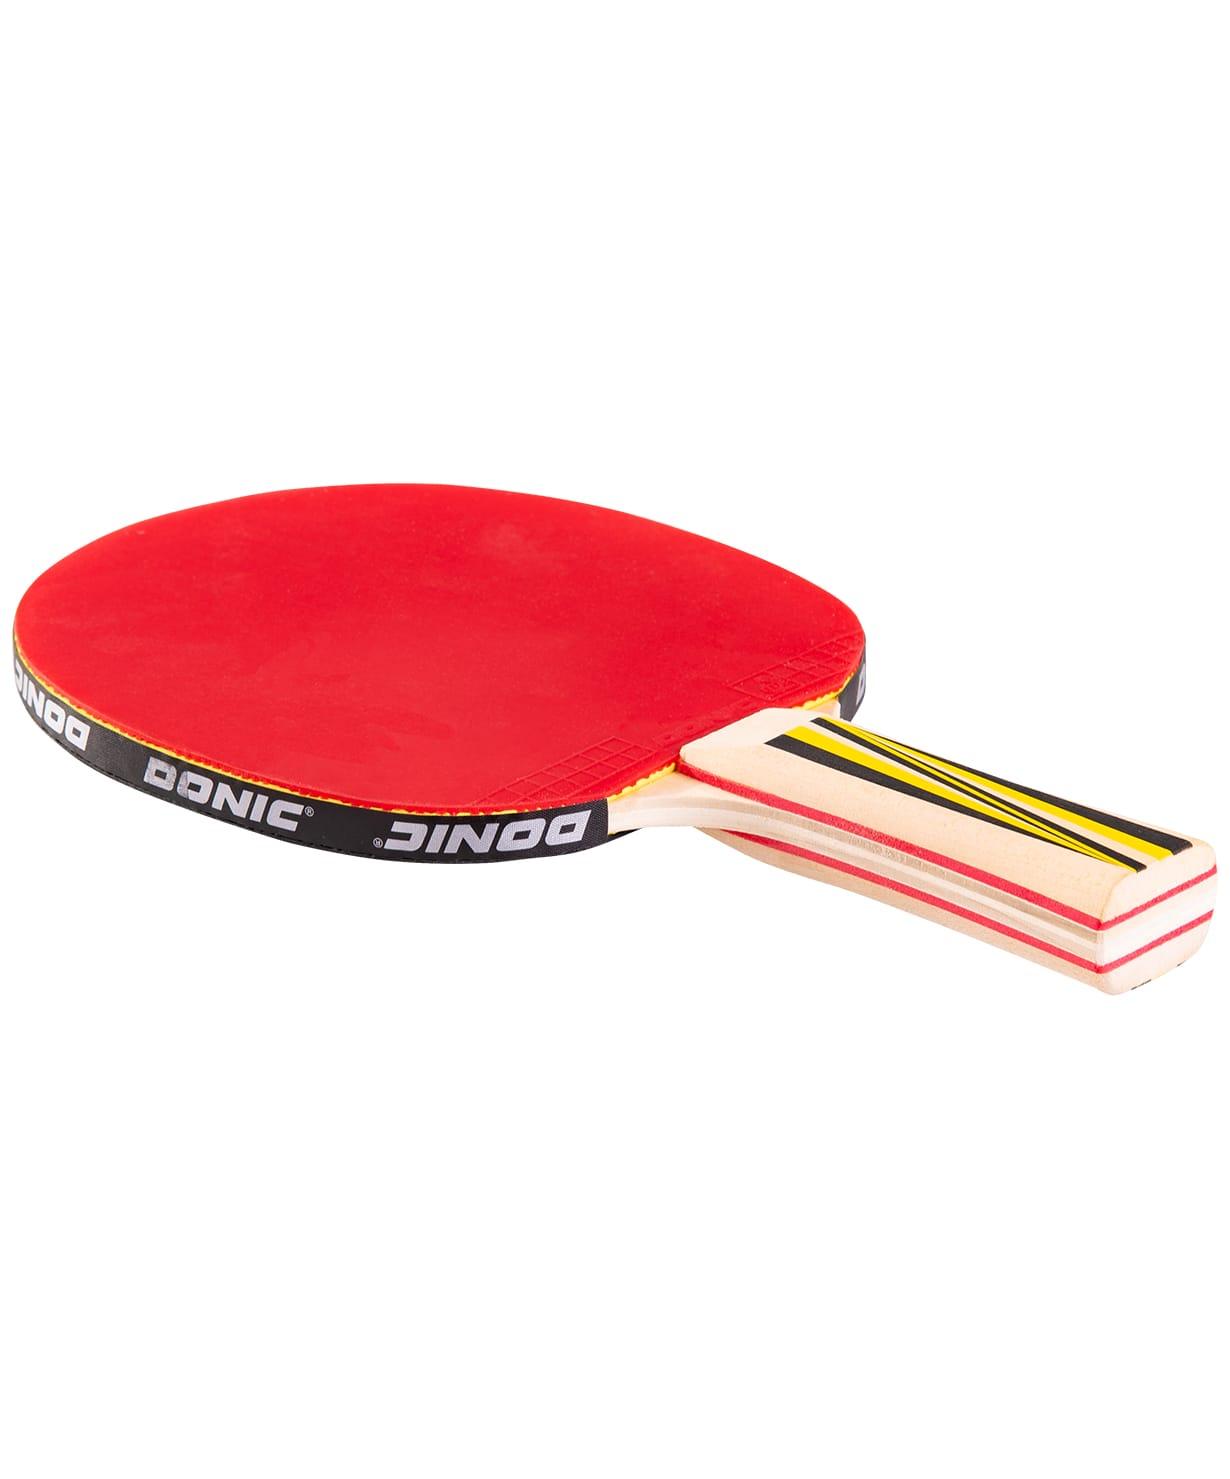 Ракетка для настольного тенниса Donic Top Team 500 ракетка для настольного тенниса donic testra pro